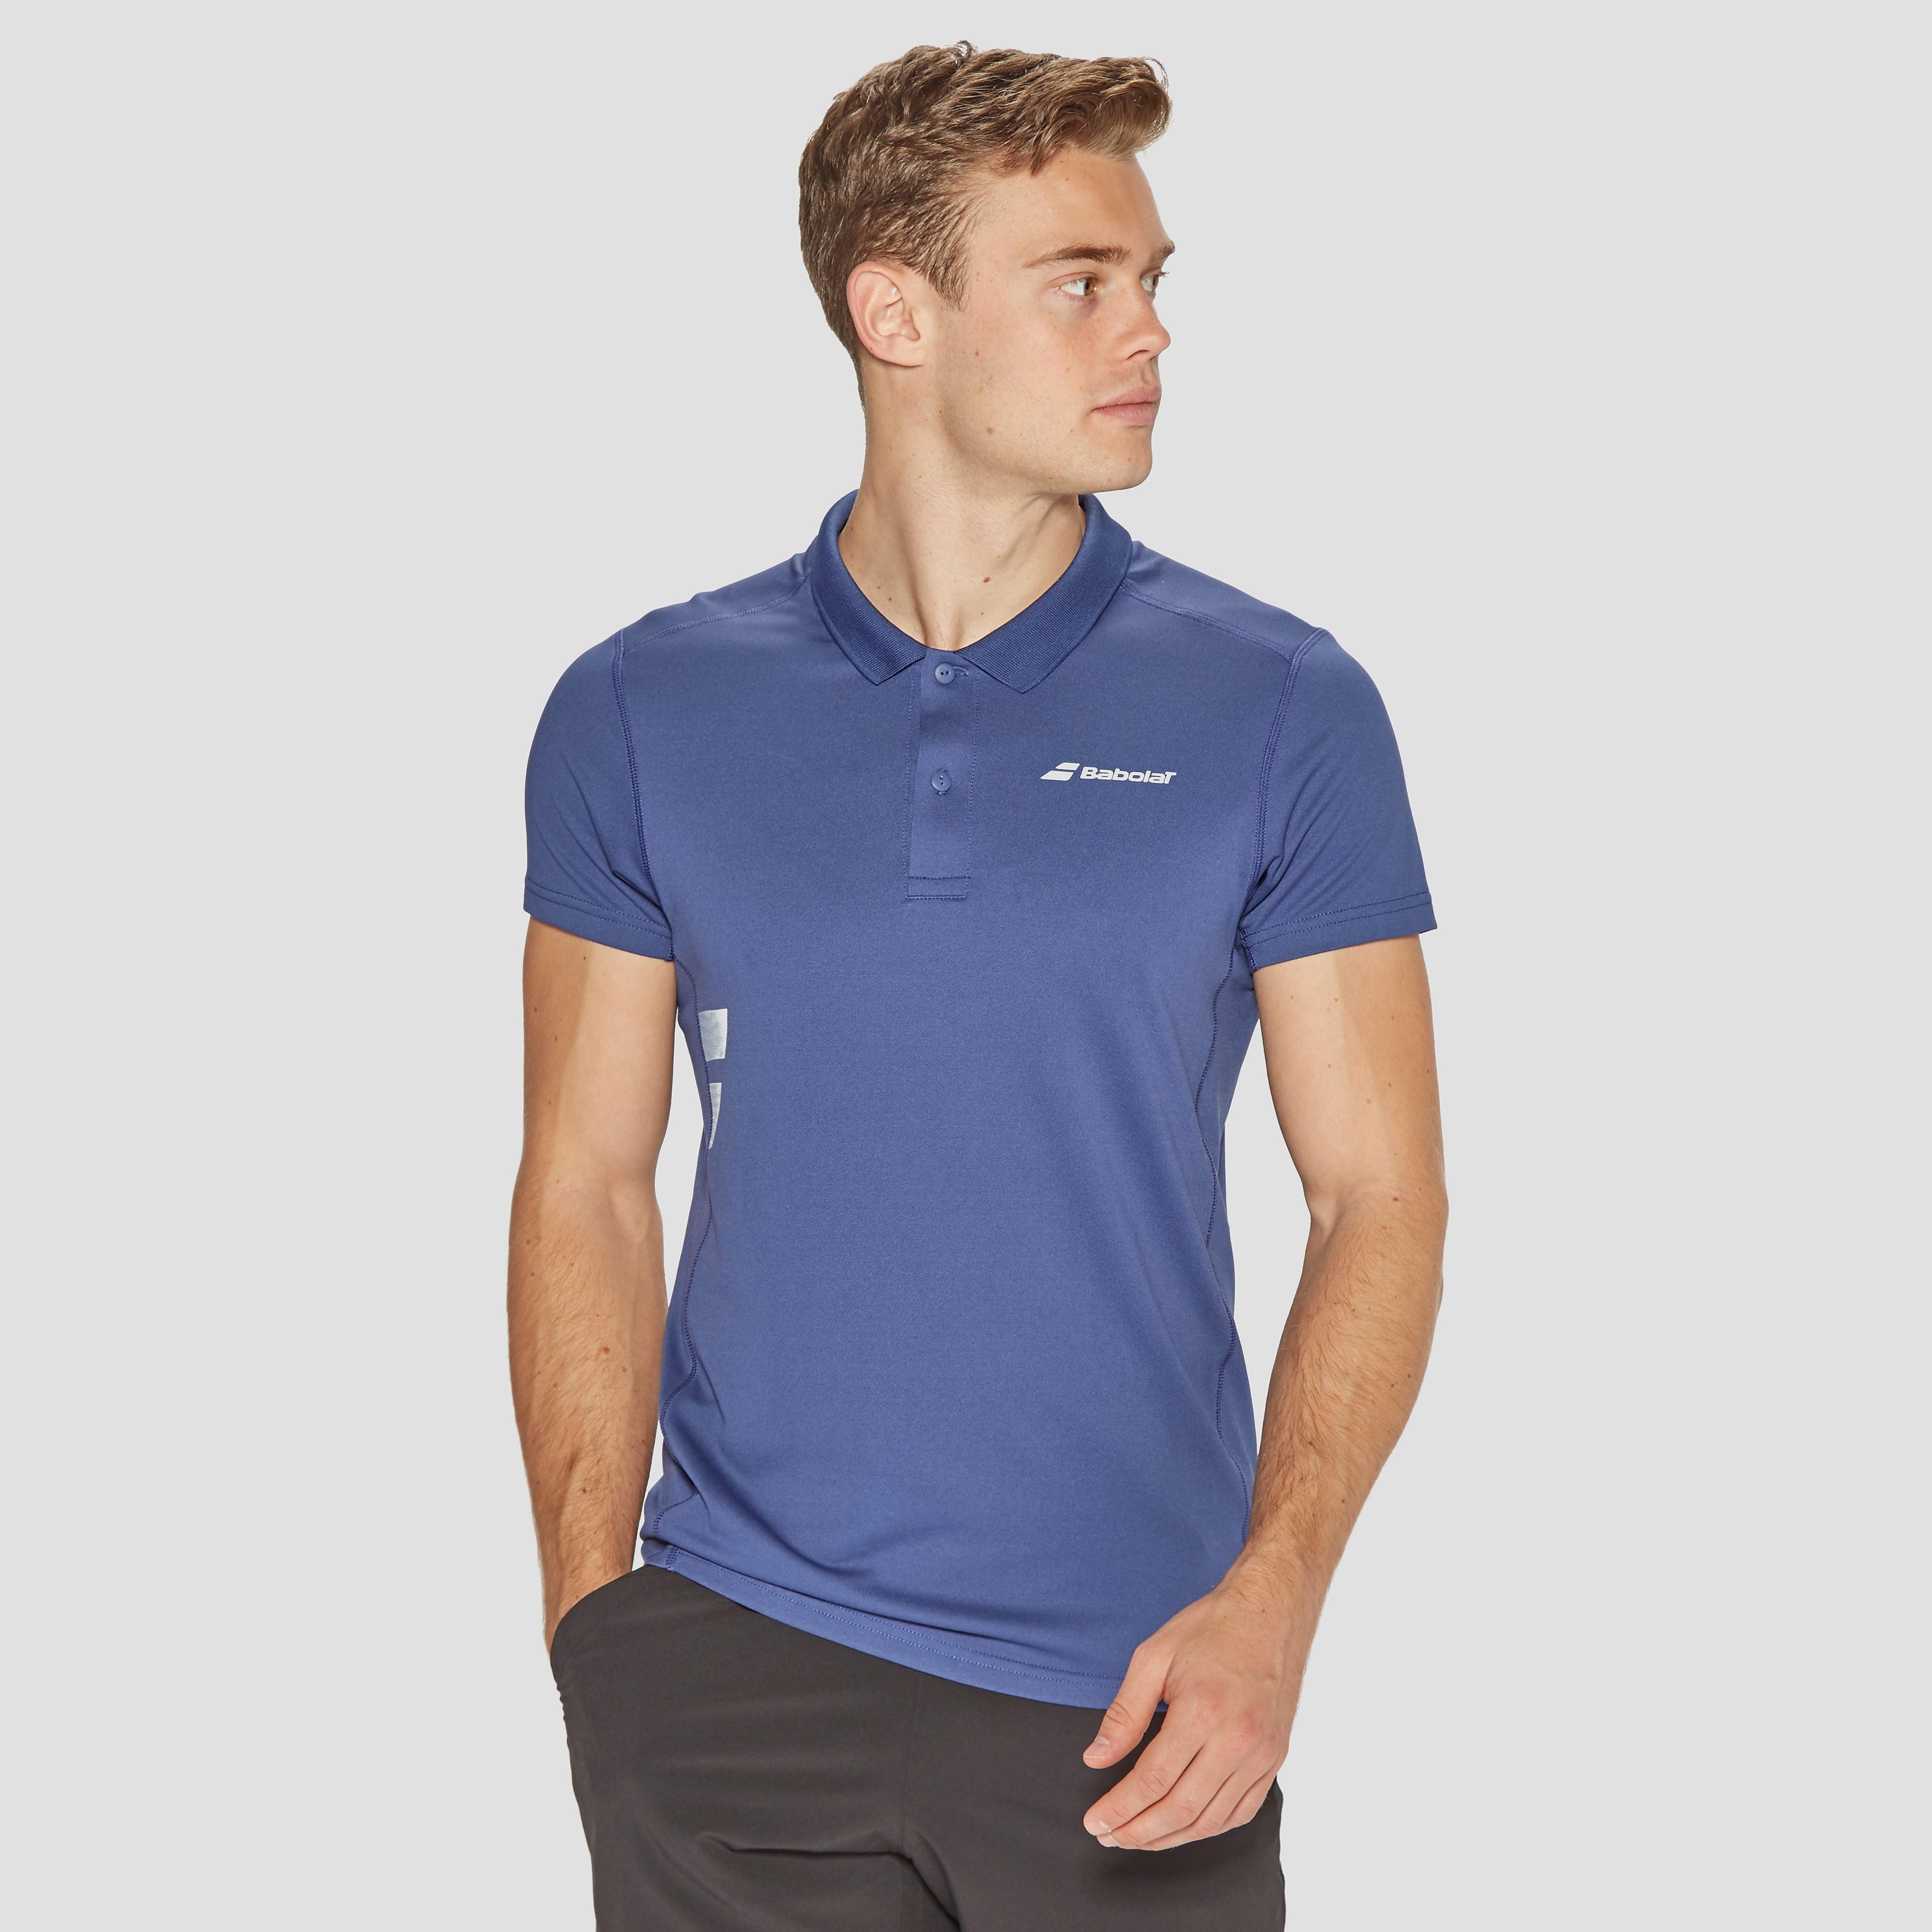 Babolat Core Poly Pique Men's Polo Shirt